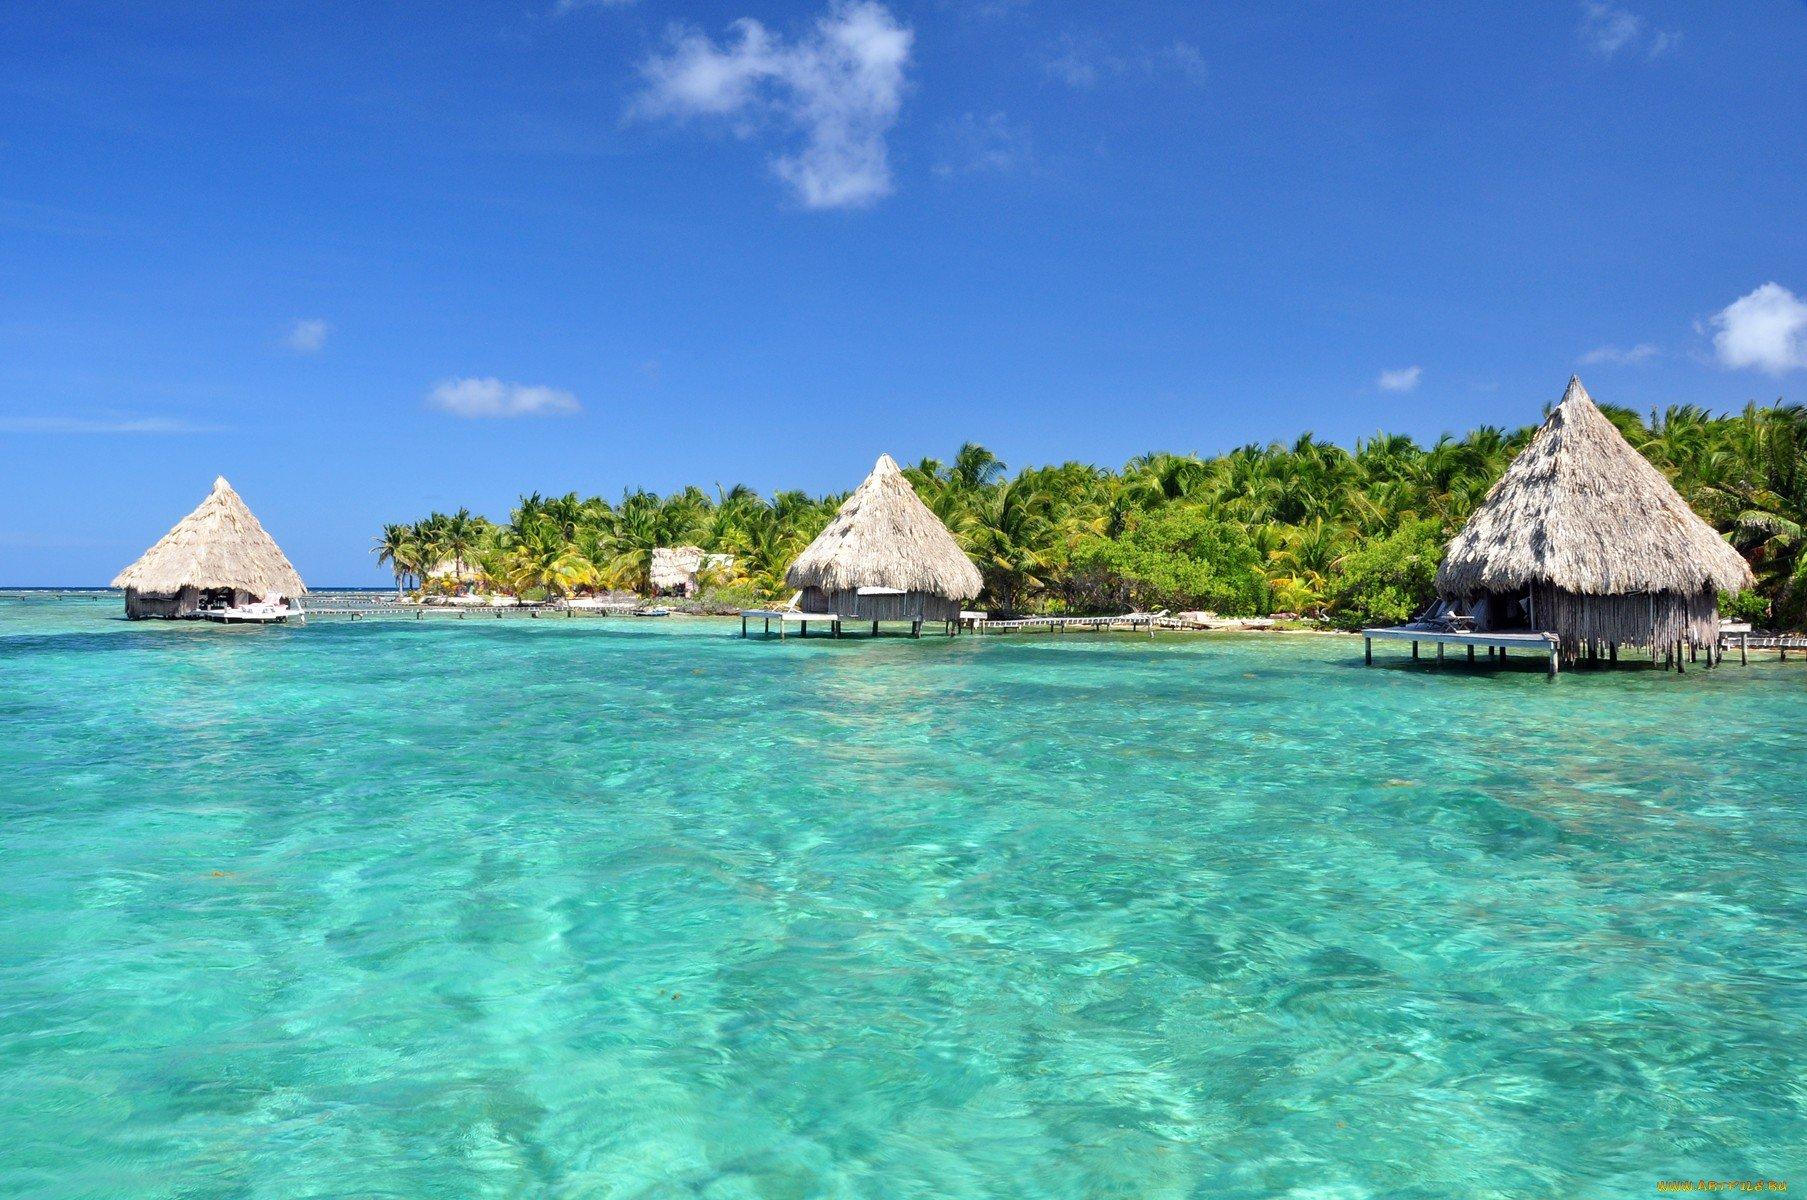 ТОП 10 Дорогих летних курортов 2019